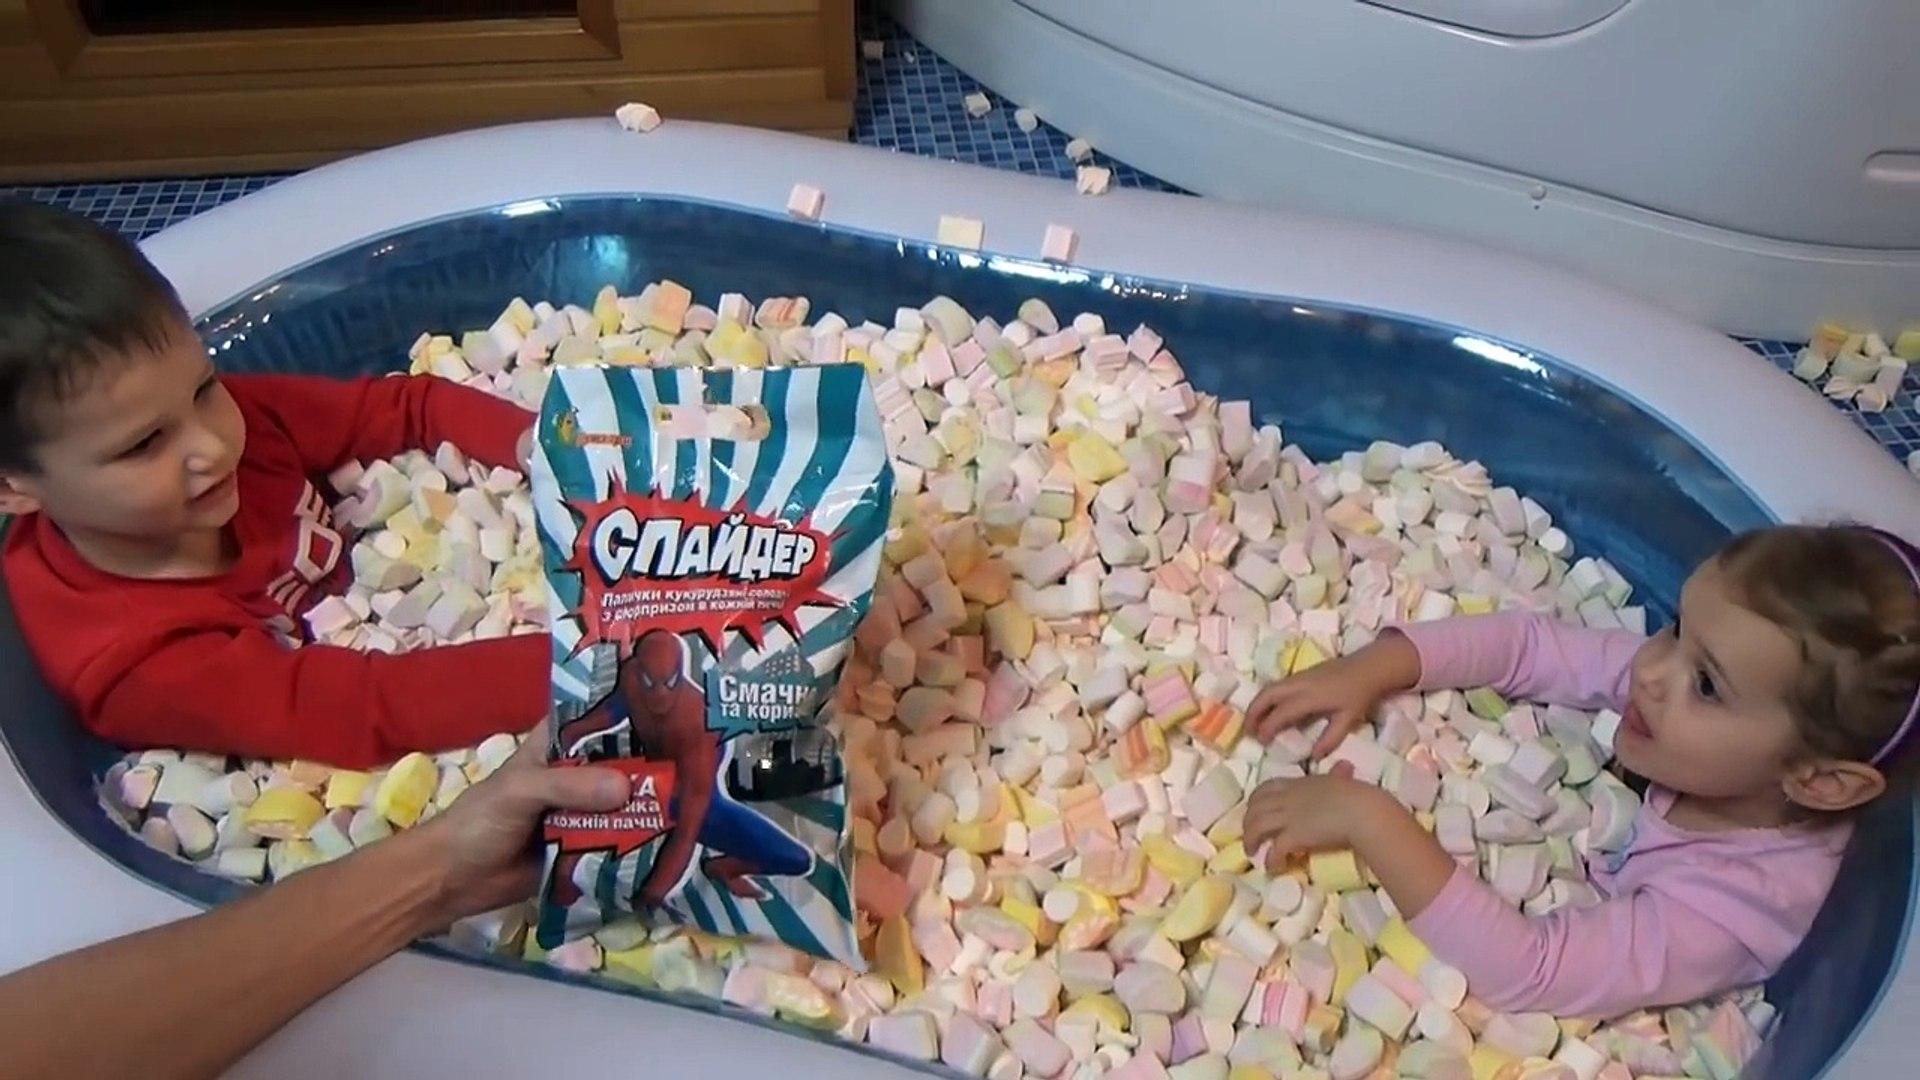 Полный бассейн с зефиром маршмэллоу с игрушками сюрприз Marshmallow pool with su